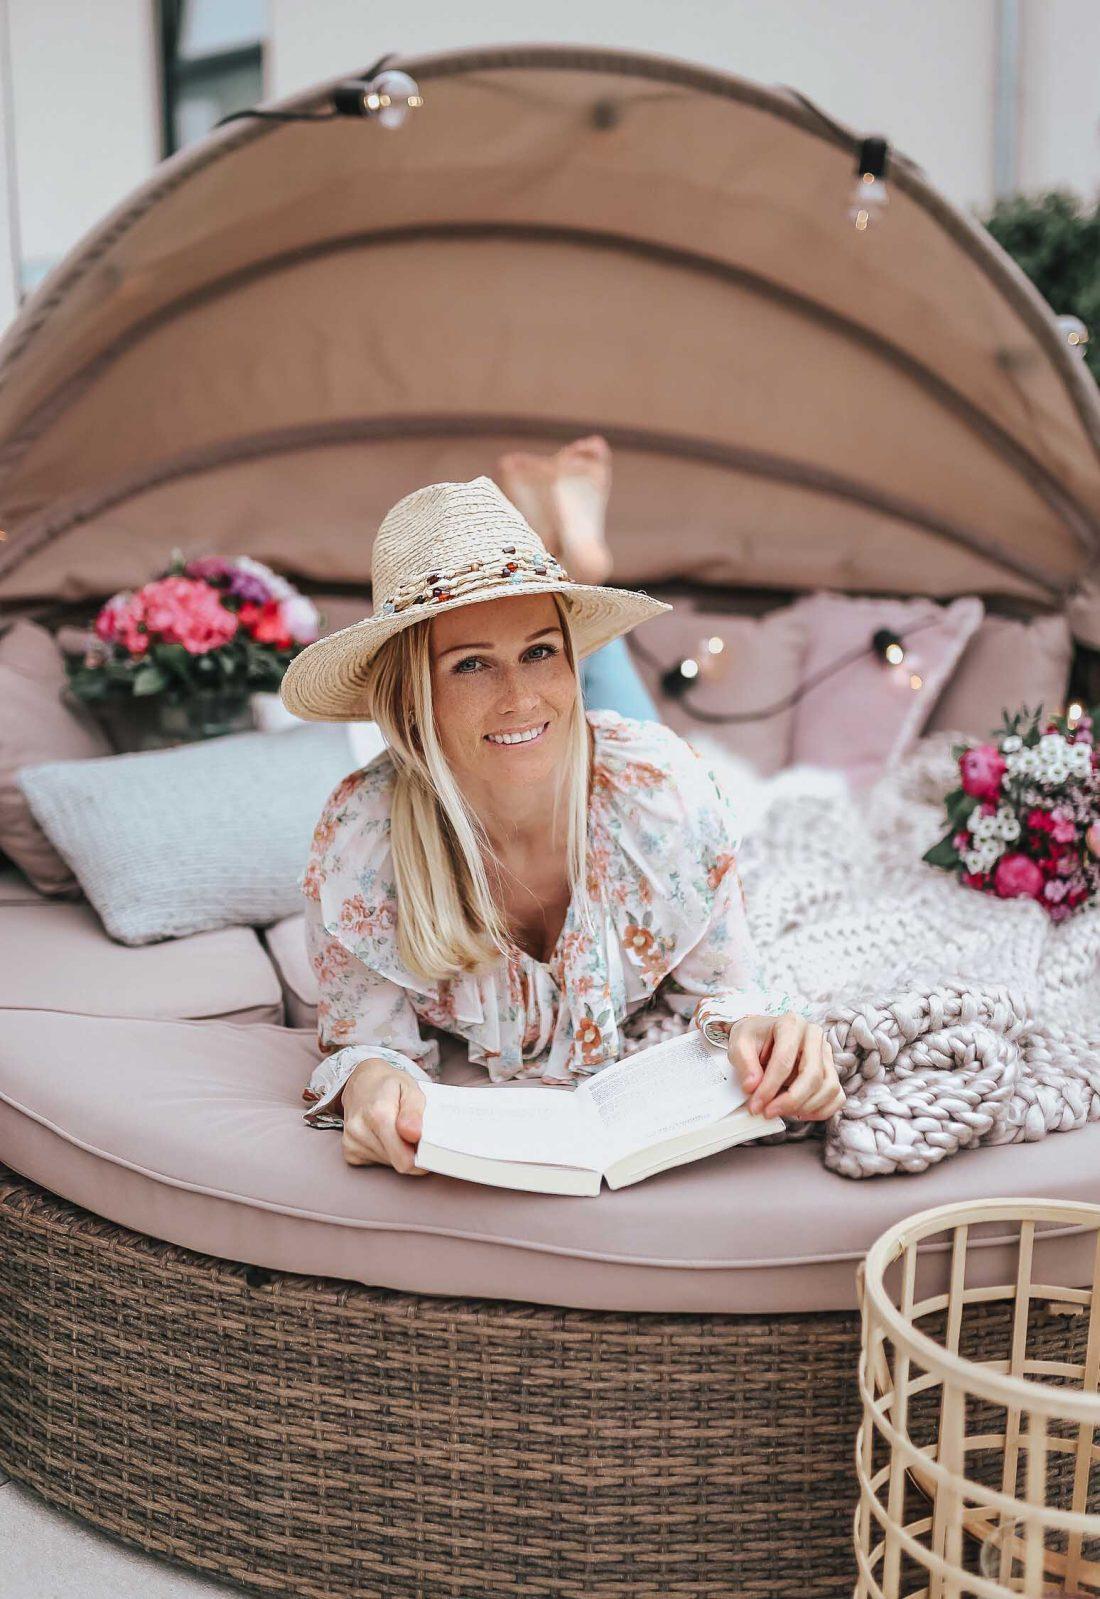 stylingliebe-lifestyleblogger-mamablog-fashionblog-muenchen-styleblog-blogger-deutschland-lifestyleblog-mamablogger-fashionblogger-modeblog-so-riecht-der-sommer-6-1100x1599